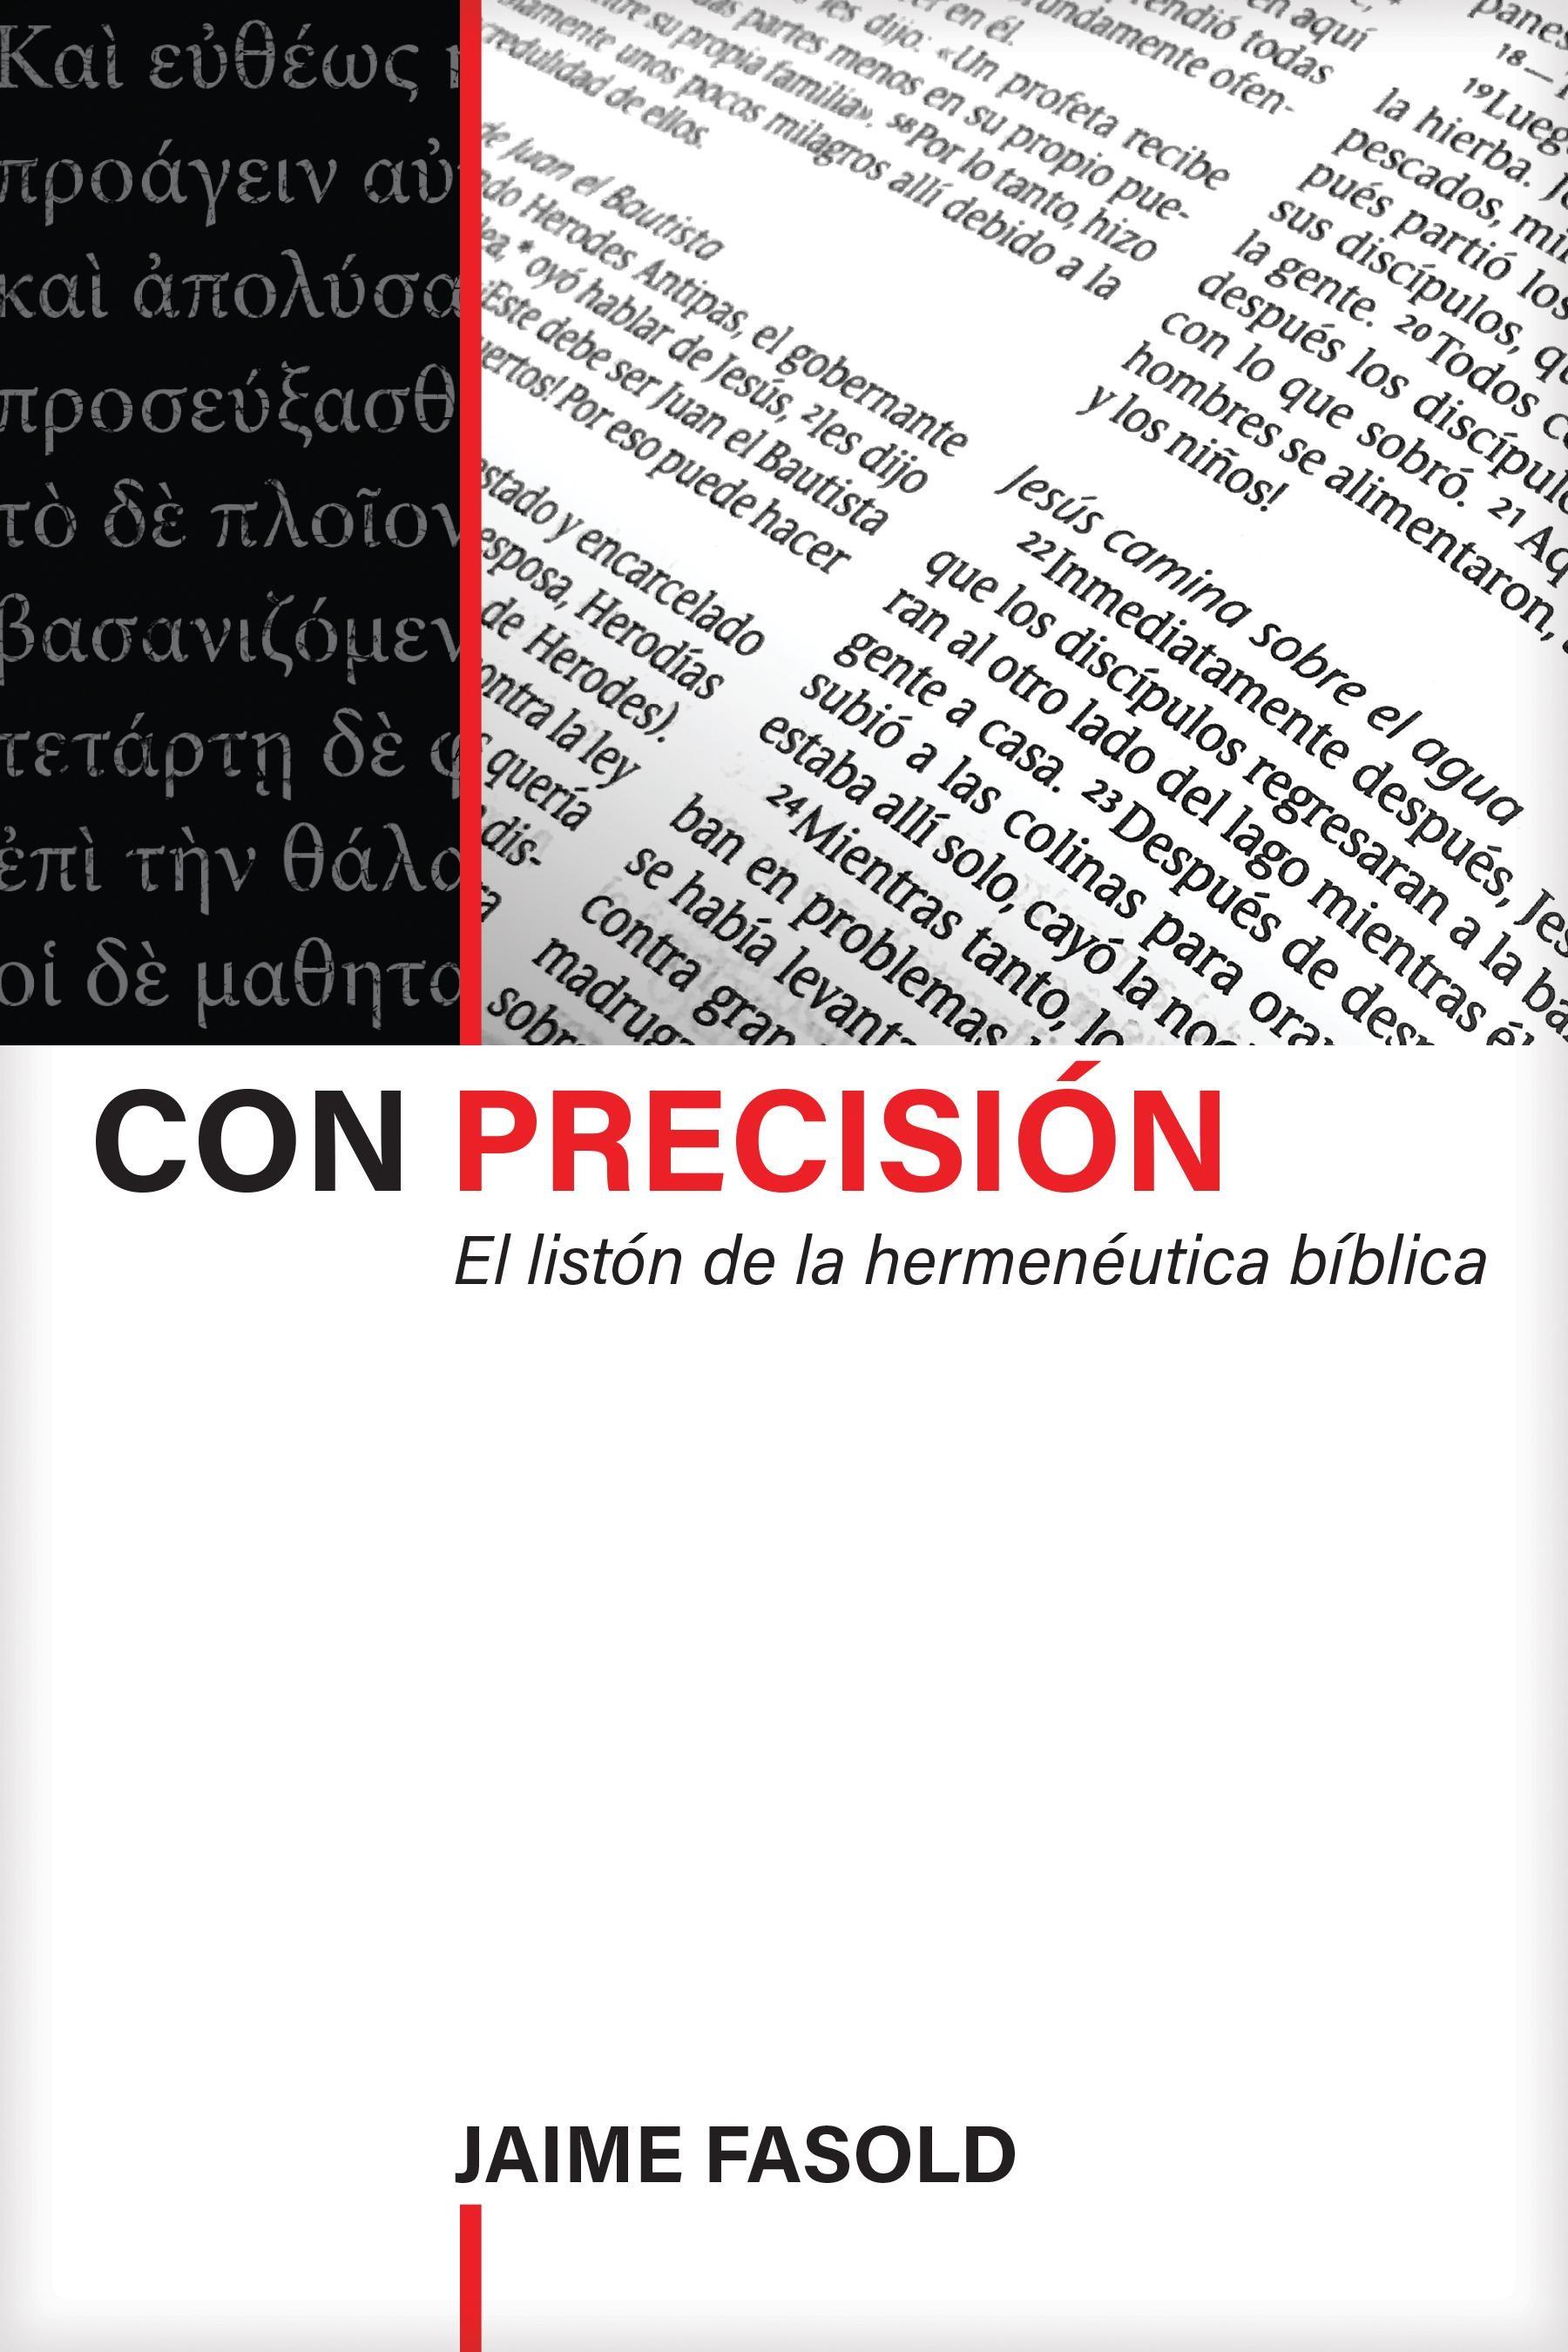 Con precisión: With Precision